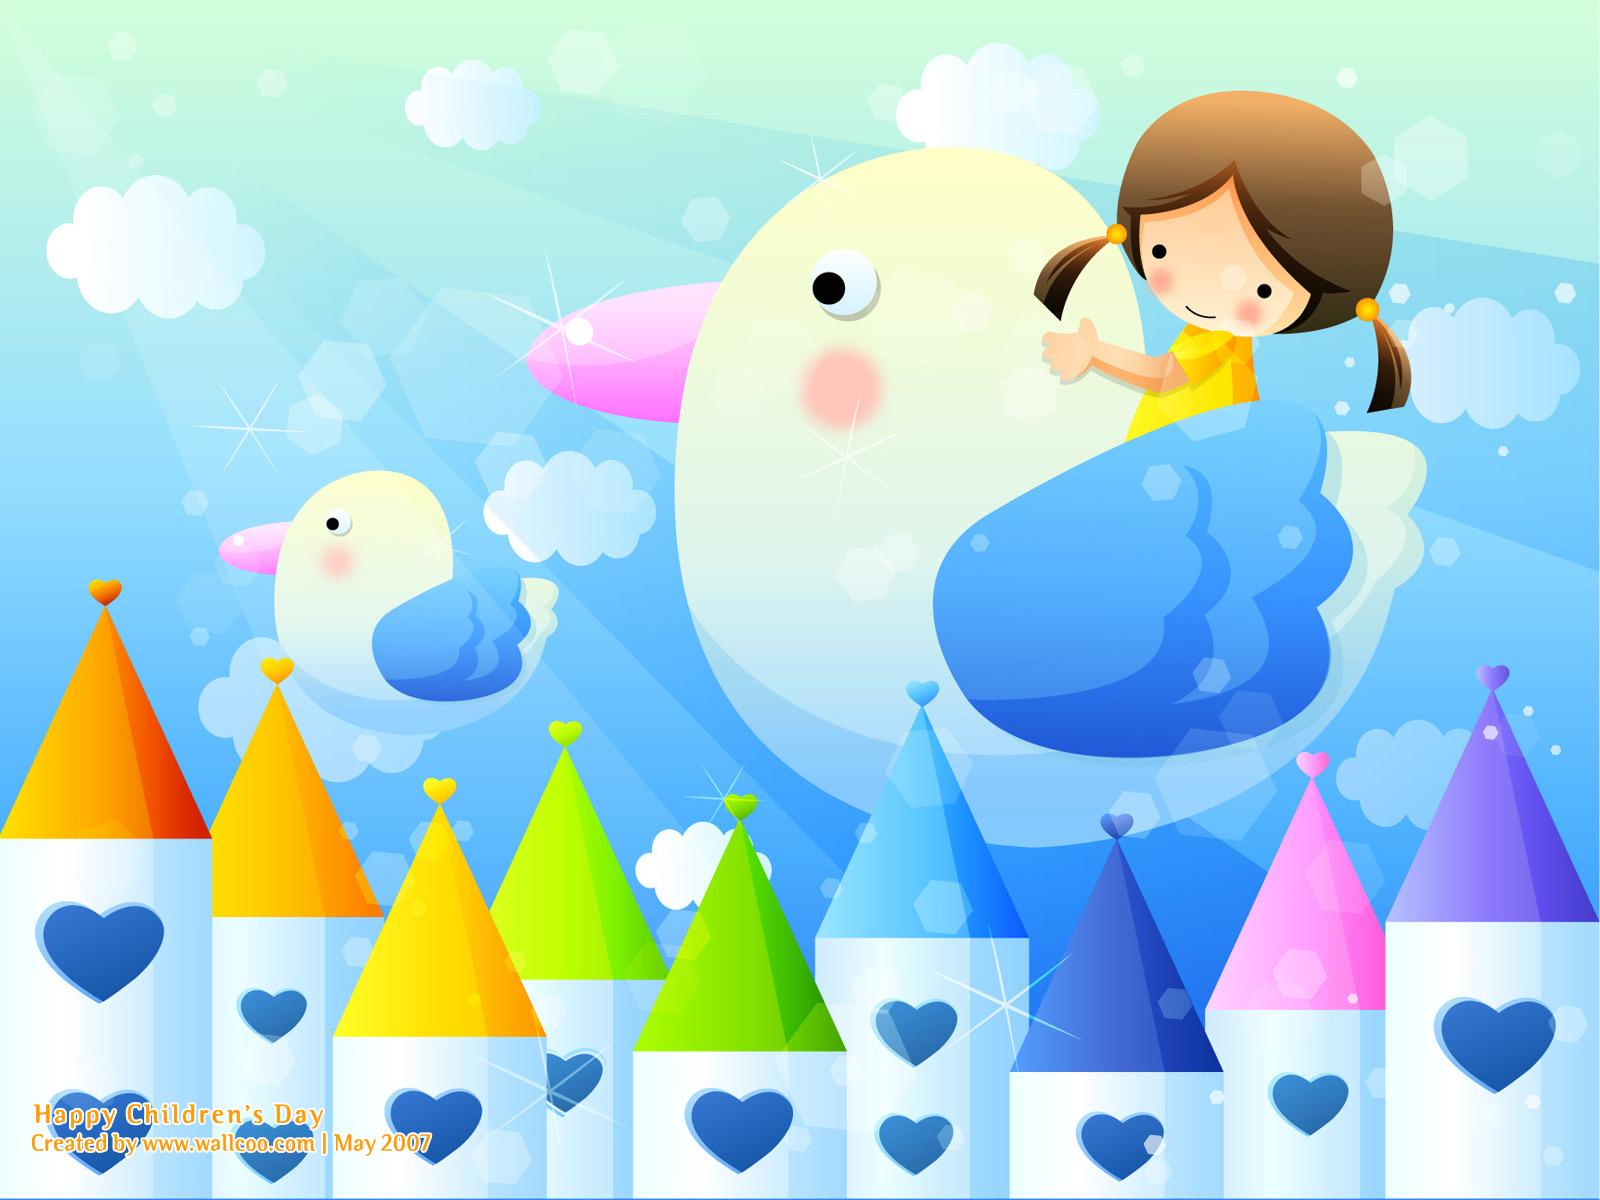 http://2.bp.blogspot.com/_fCMwSkepyGk/SwleUiSwB7I/AAAAAAAACyU/01Y22zgFFOs/s1600/Children_Day_vector_wallpaper_10-770917.jpg